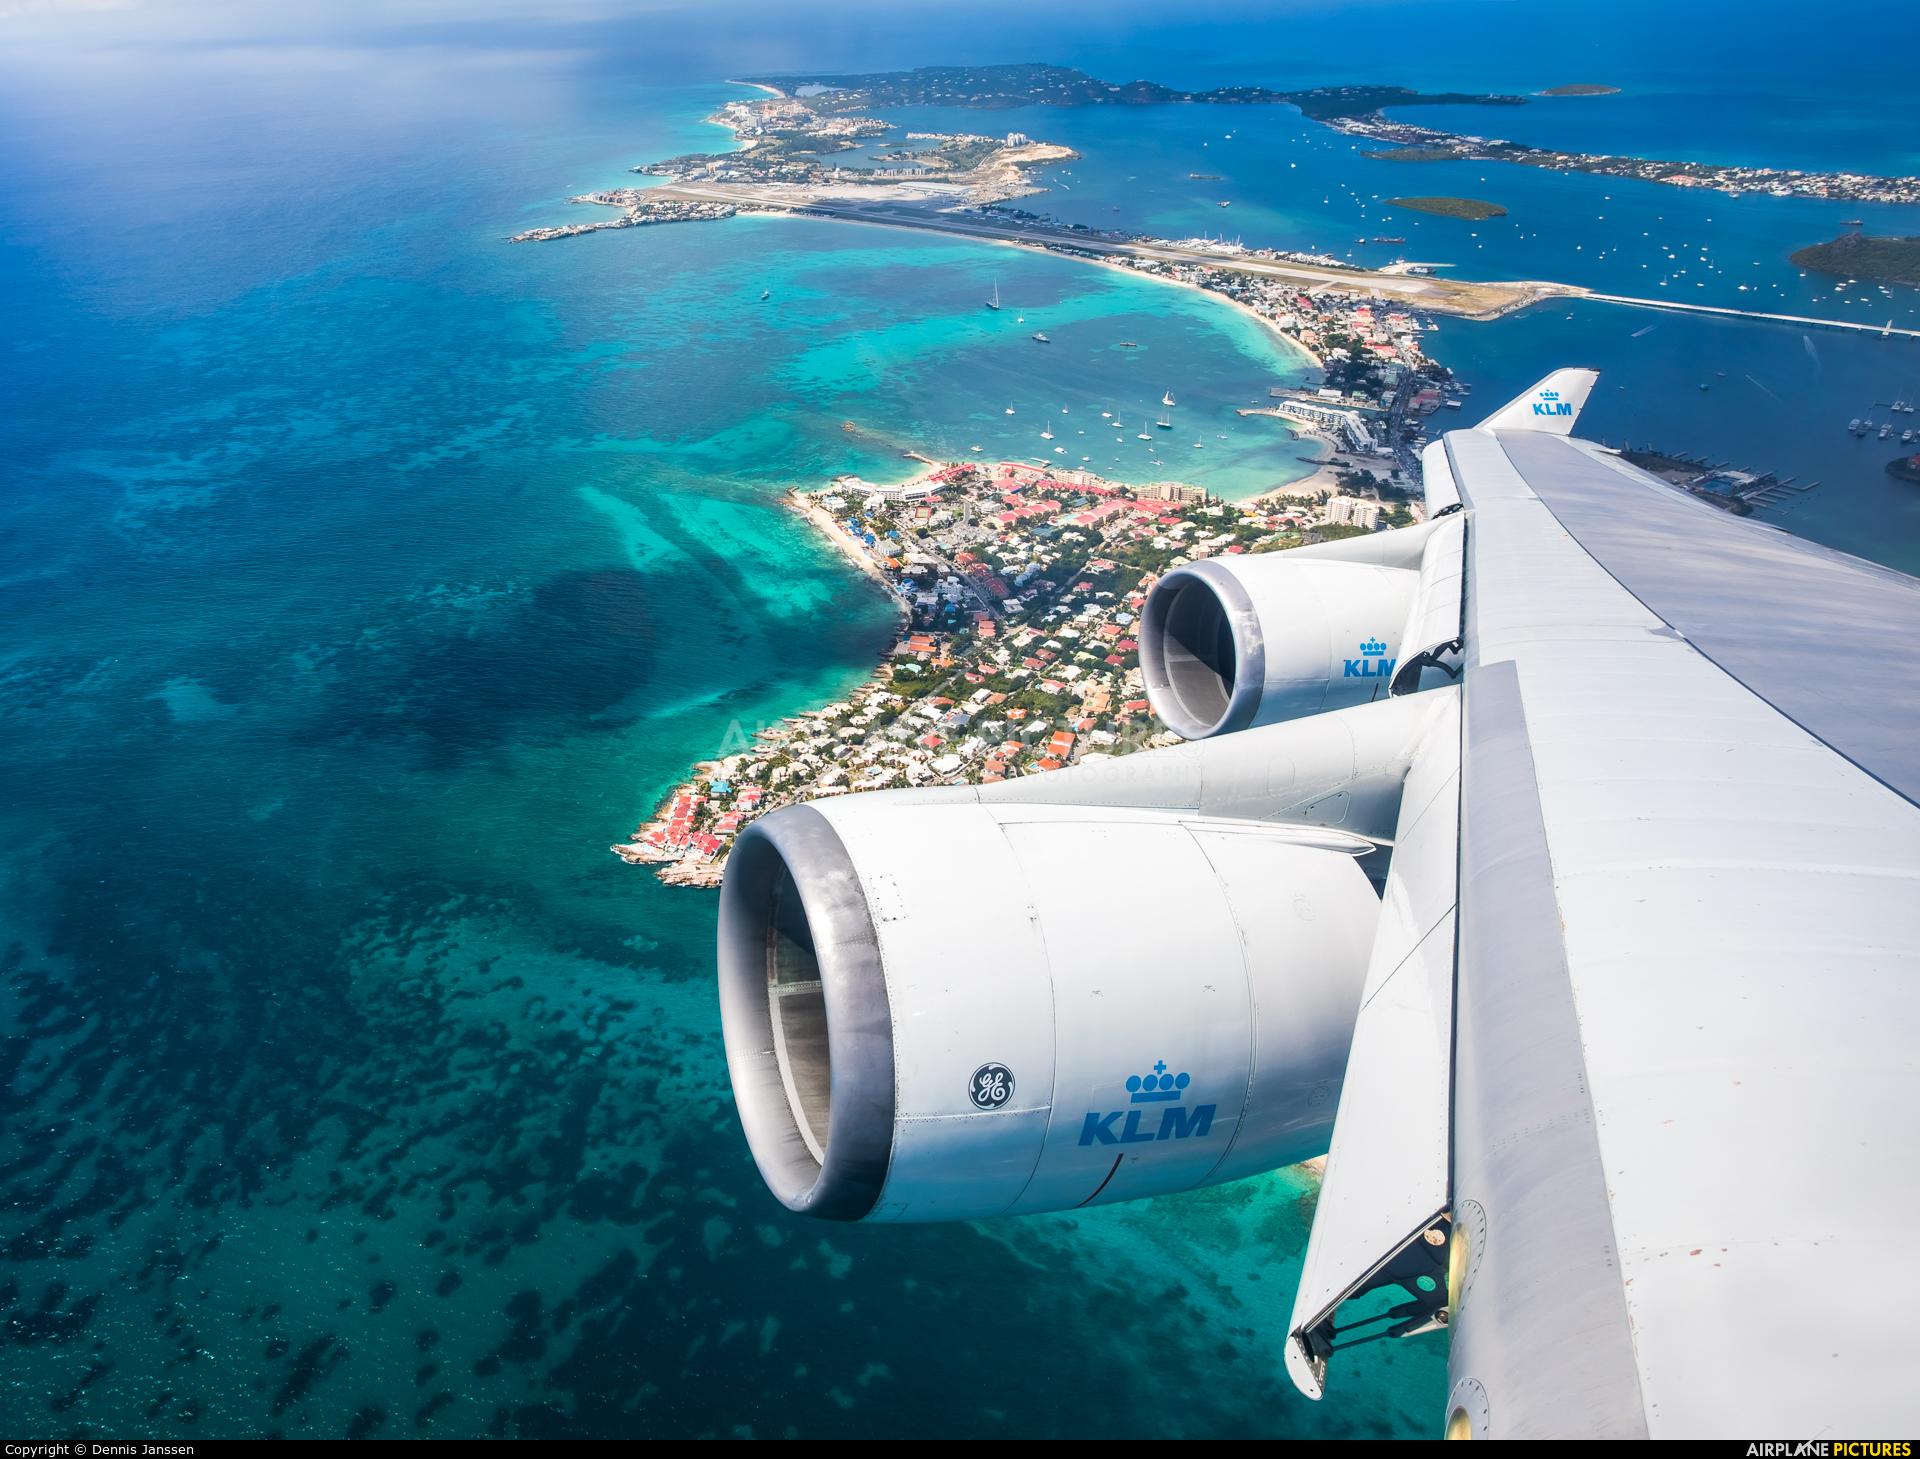 KLM PH-BFN aircraft at In Flight - Netherlands Antilles